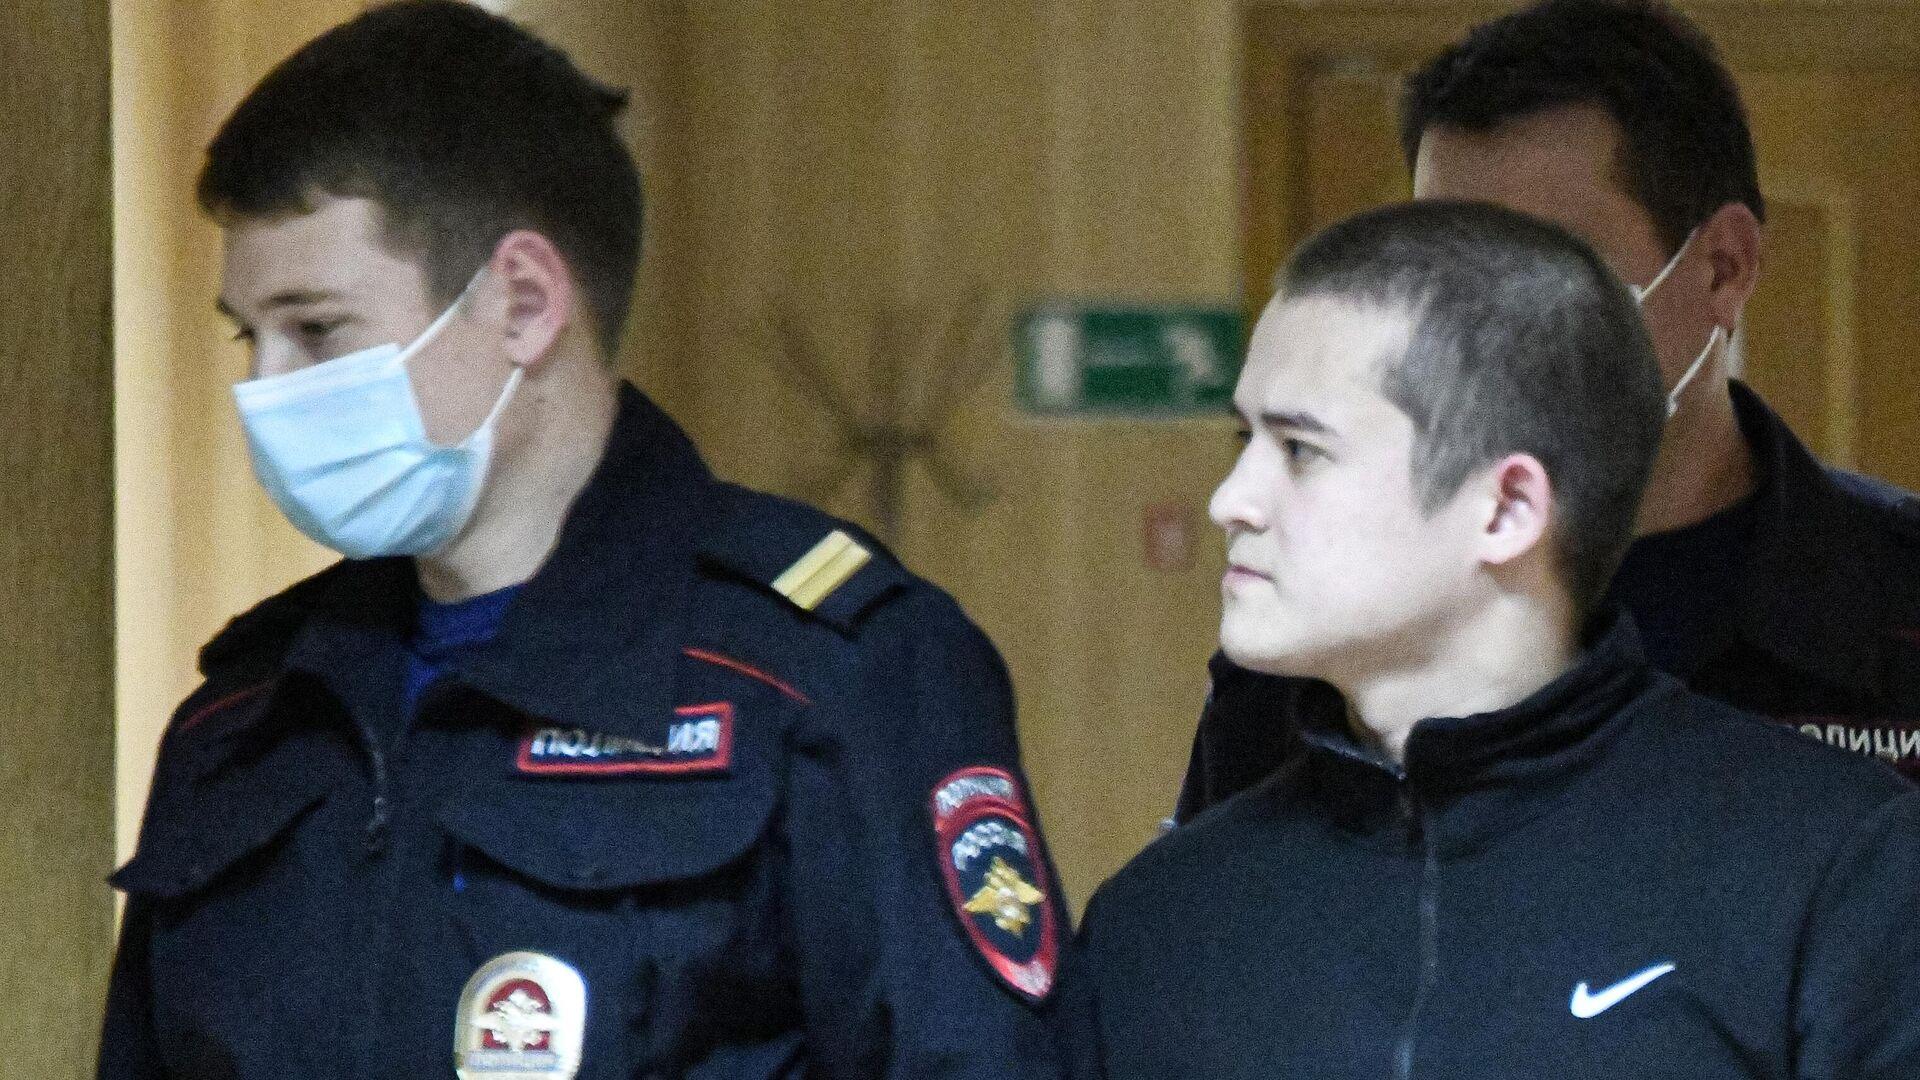 Адвокат рассказал о состоянии устроившего стрельбу срочника Шамсутдинова -  РИА Новости, 29.10.2020